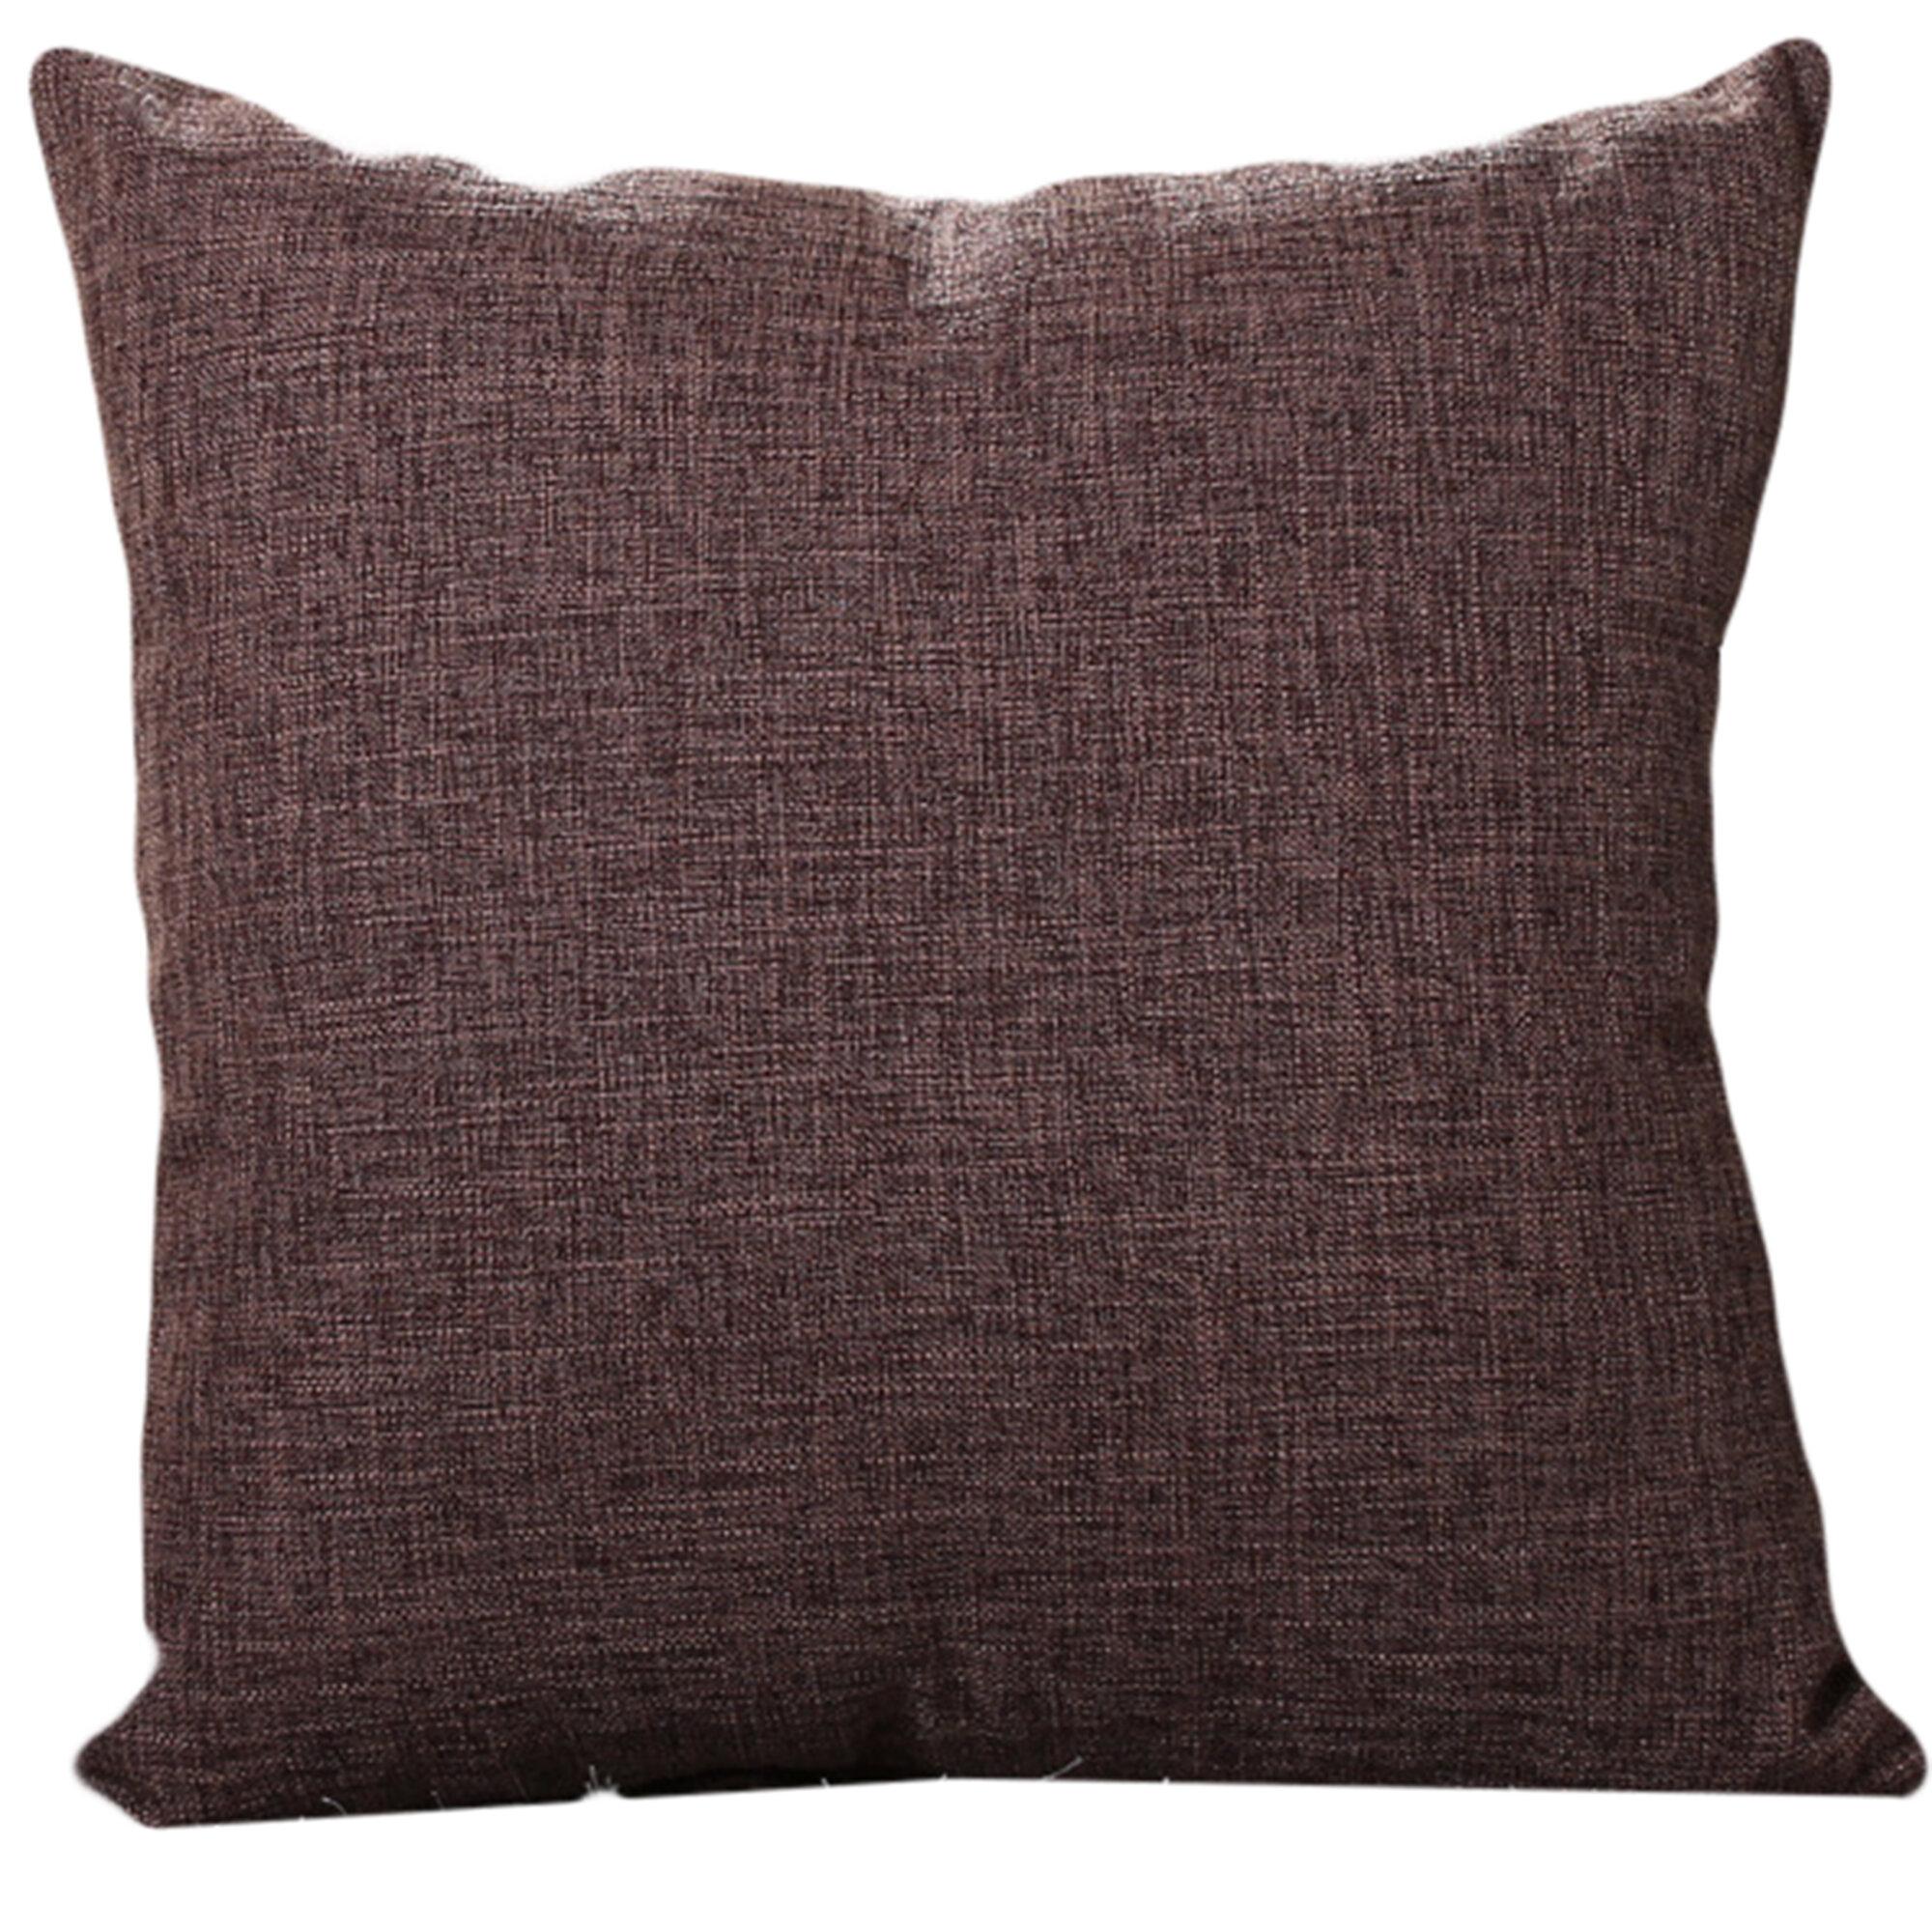 Wayfair Brown Throw Pillows You Ll Love In 2021